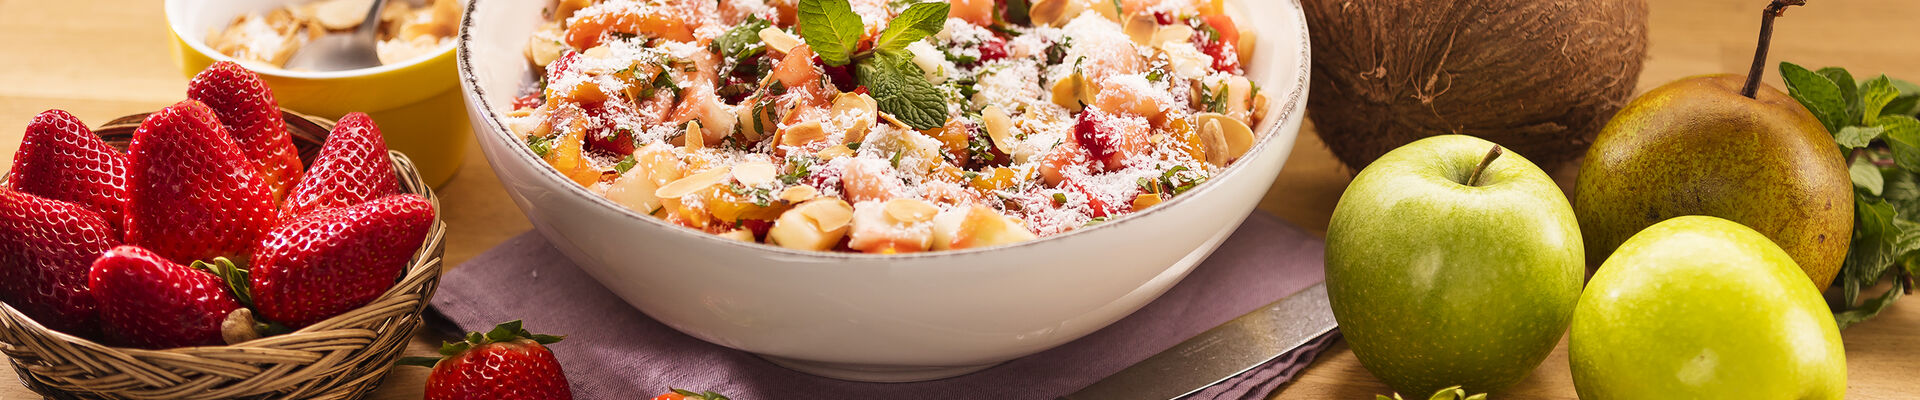 Salade de fruits aux amandes et noix de coco